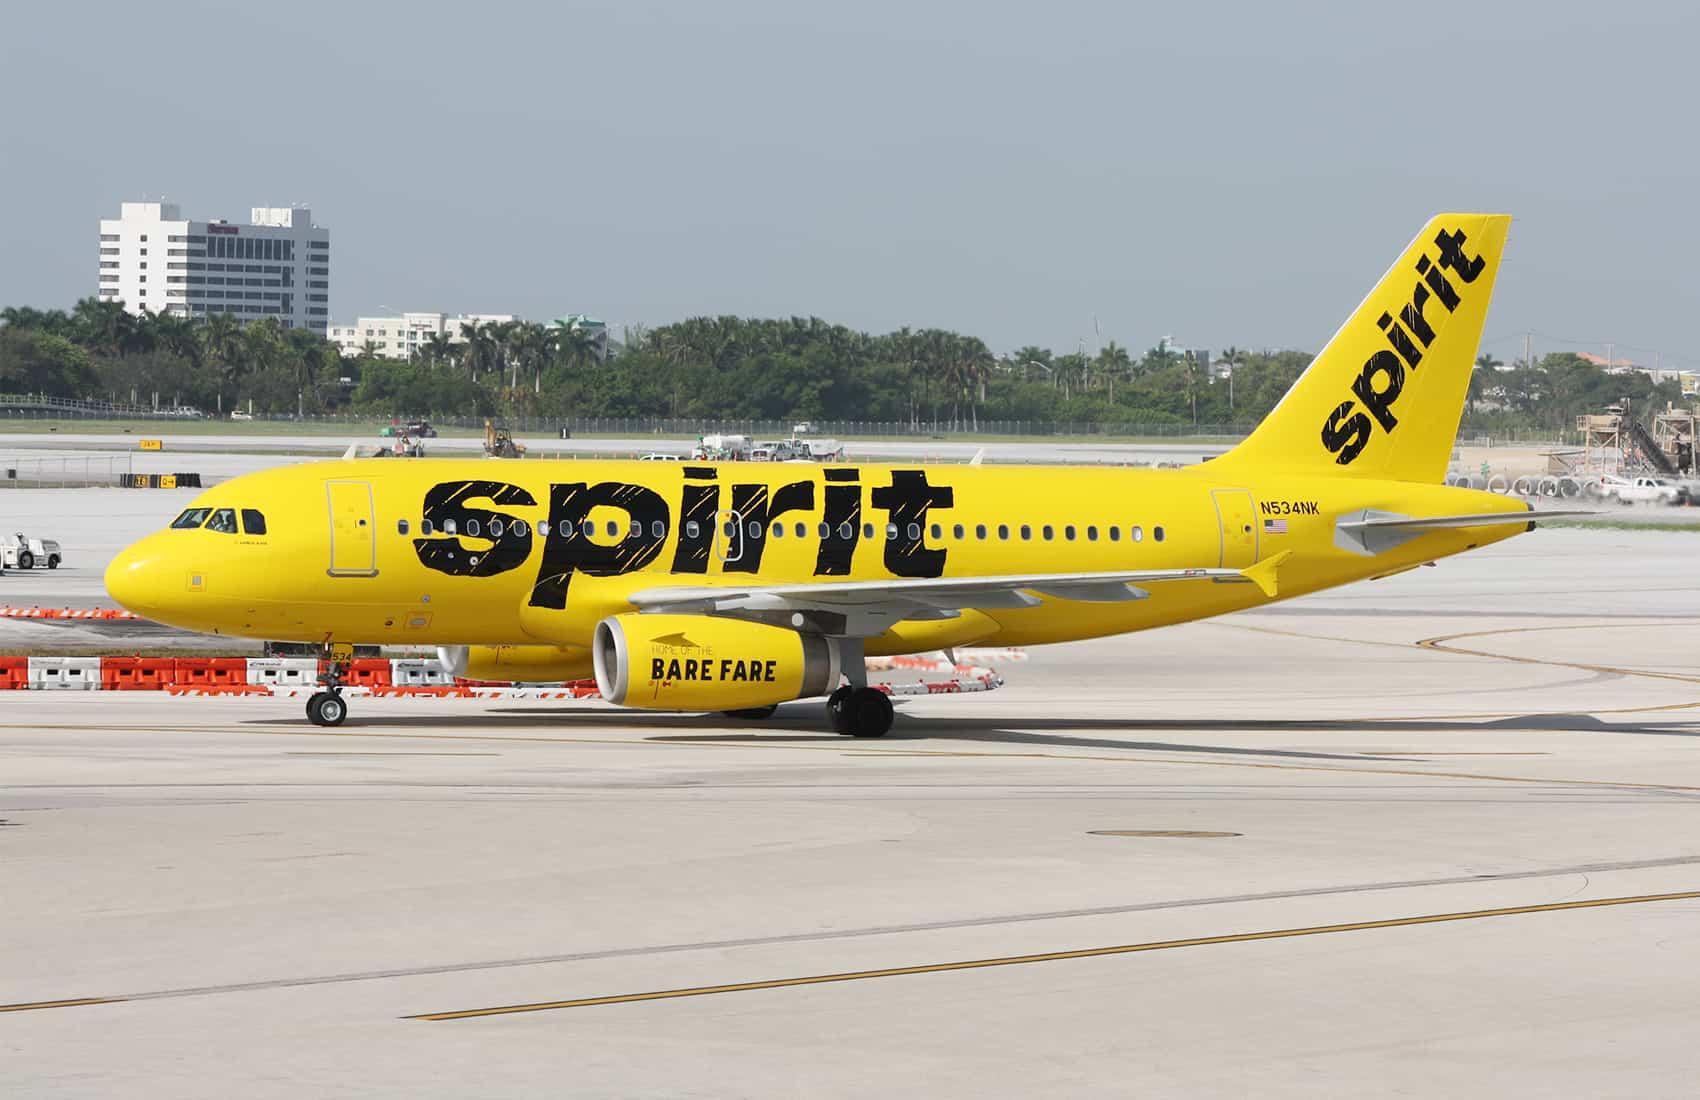 Spirit Airlines A320 aircraft